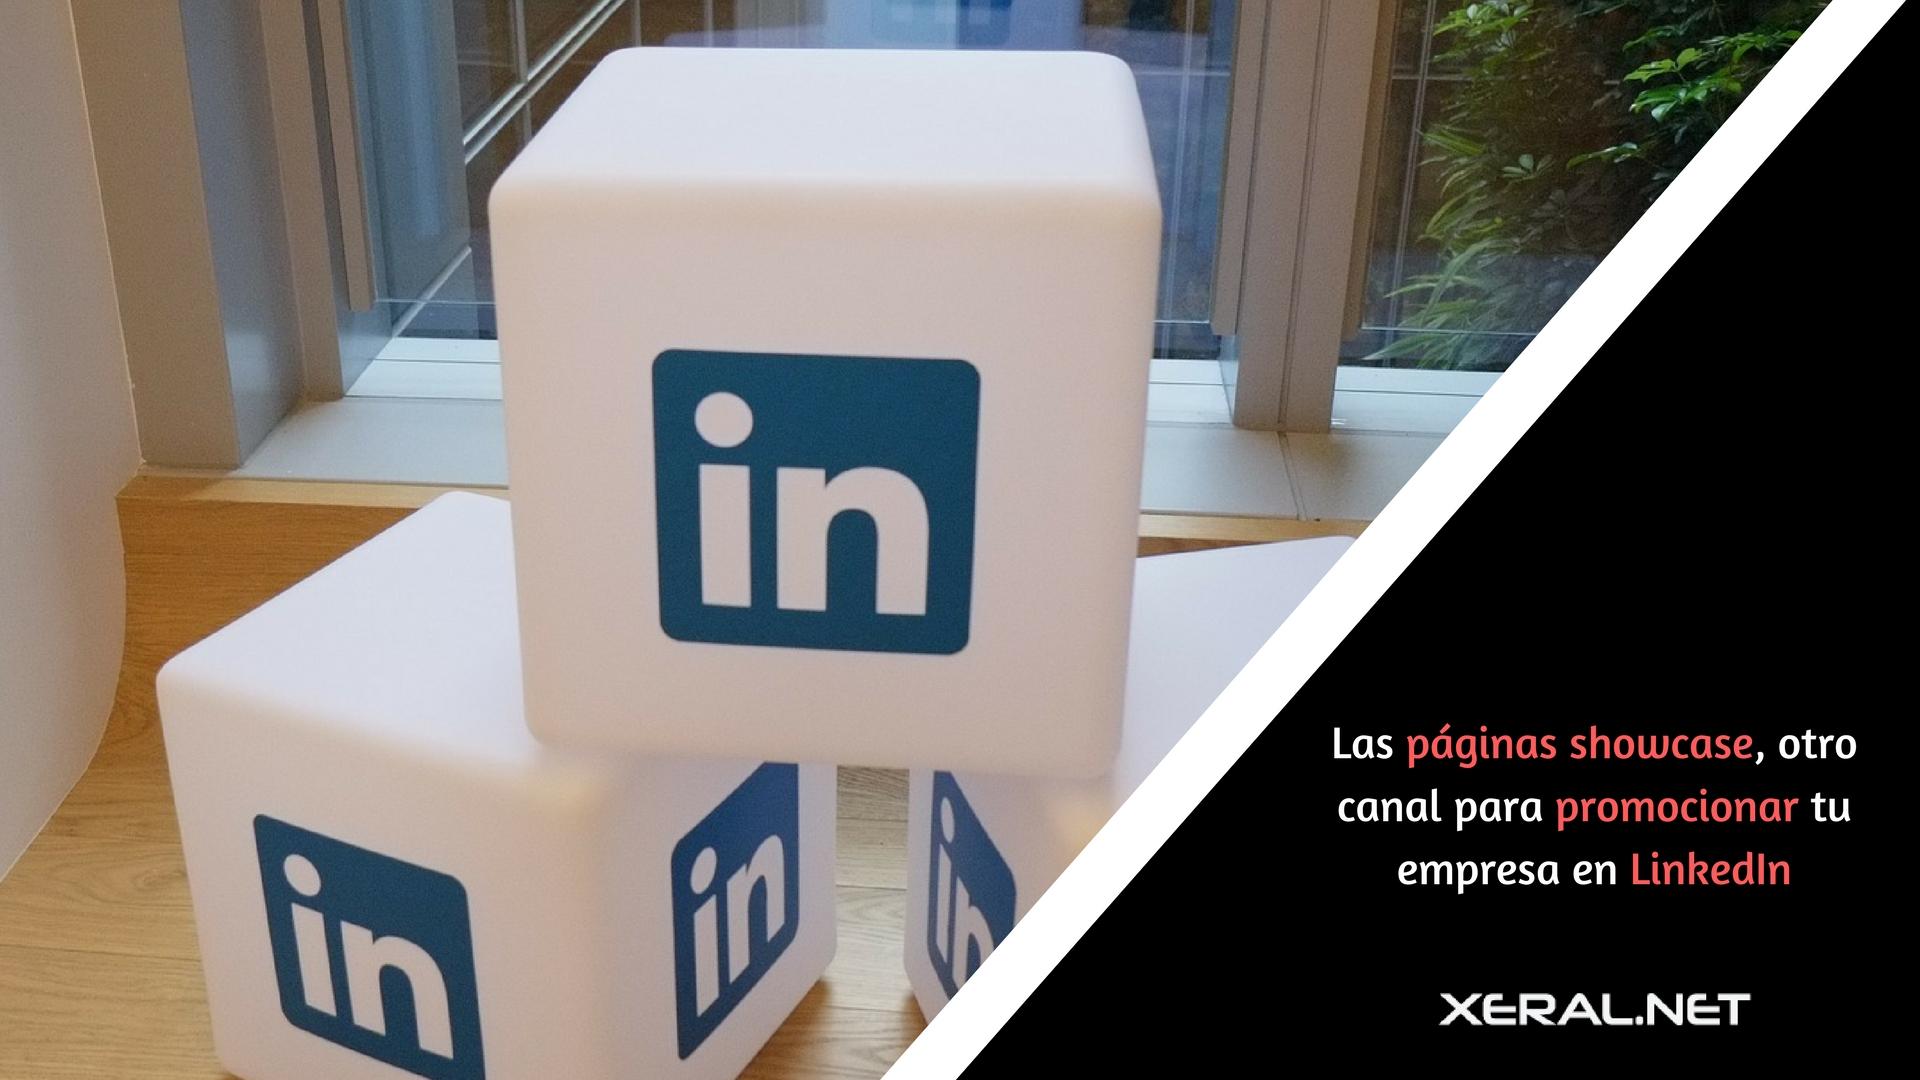 las páginas showcase otro canal para promocionar tu empresa en LinkedIn